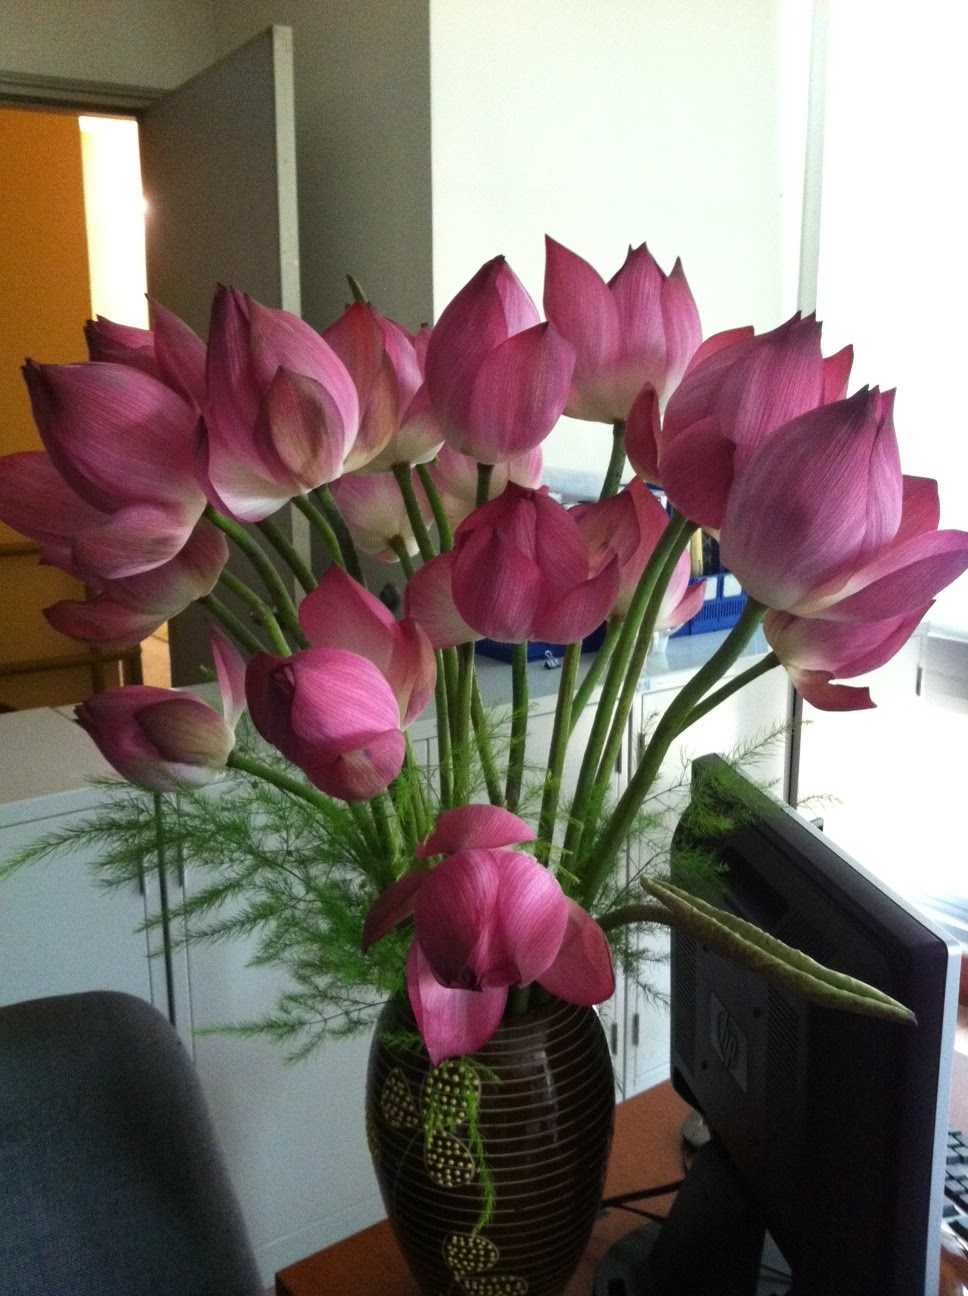 Cách cắm hoa sen trong lọ hoa cực đẹp